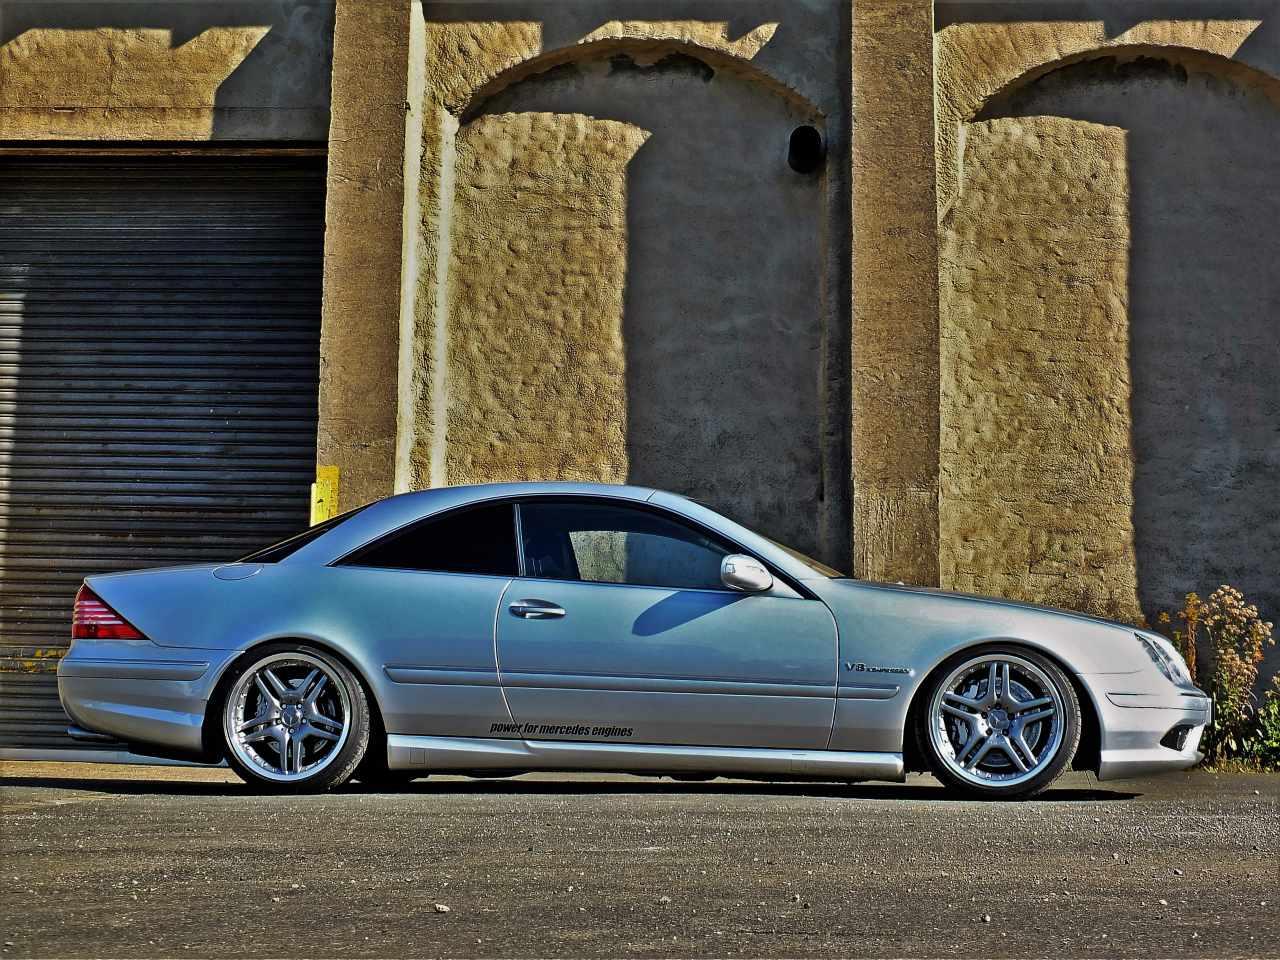 Gestrkter Stern Mercedes Benz CL55 AMG C215 Vier Augen